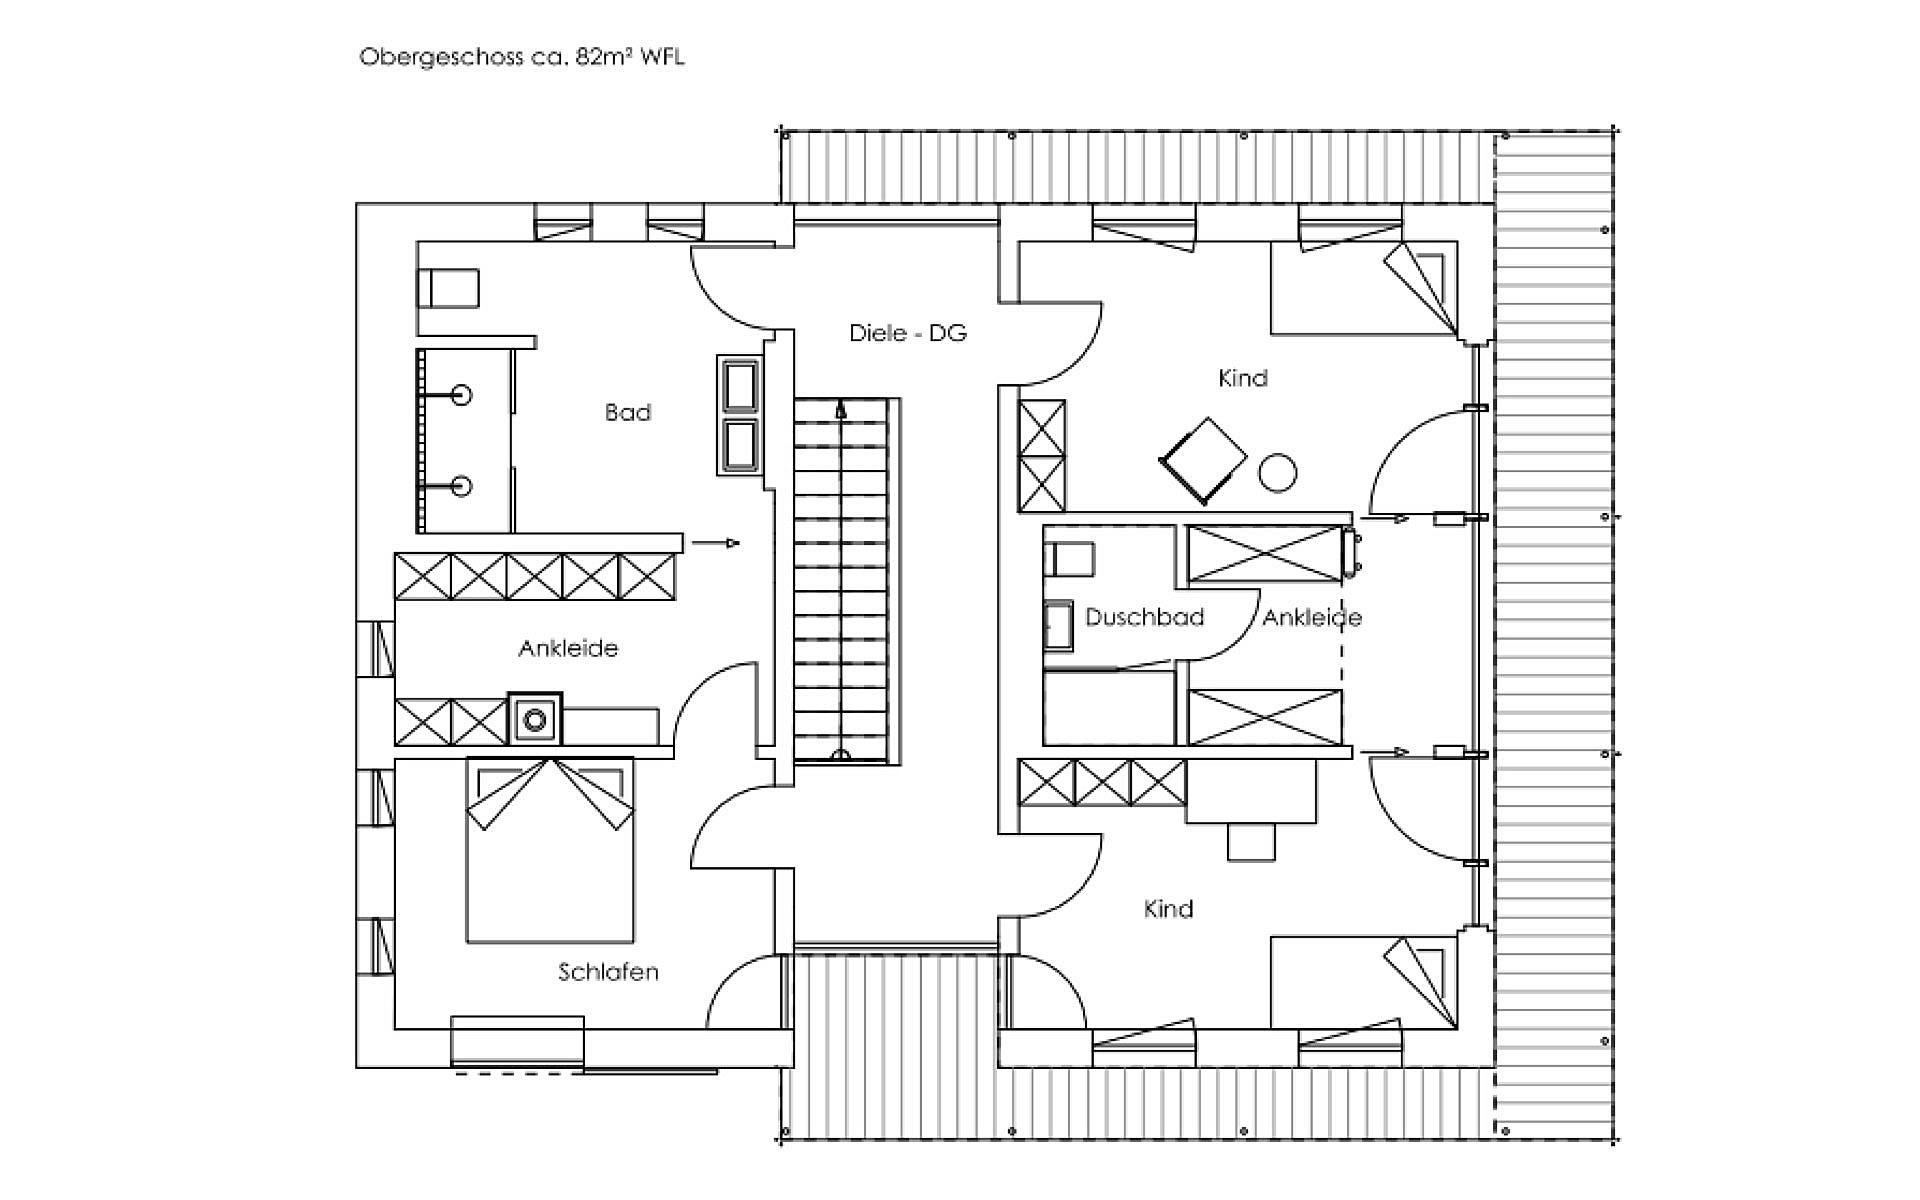 Obergeschoss Liesl von Regnauer Hausbau GmbH & Co. KG